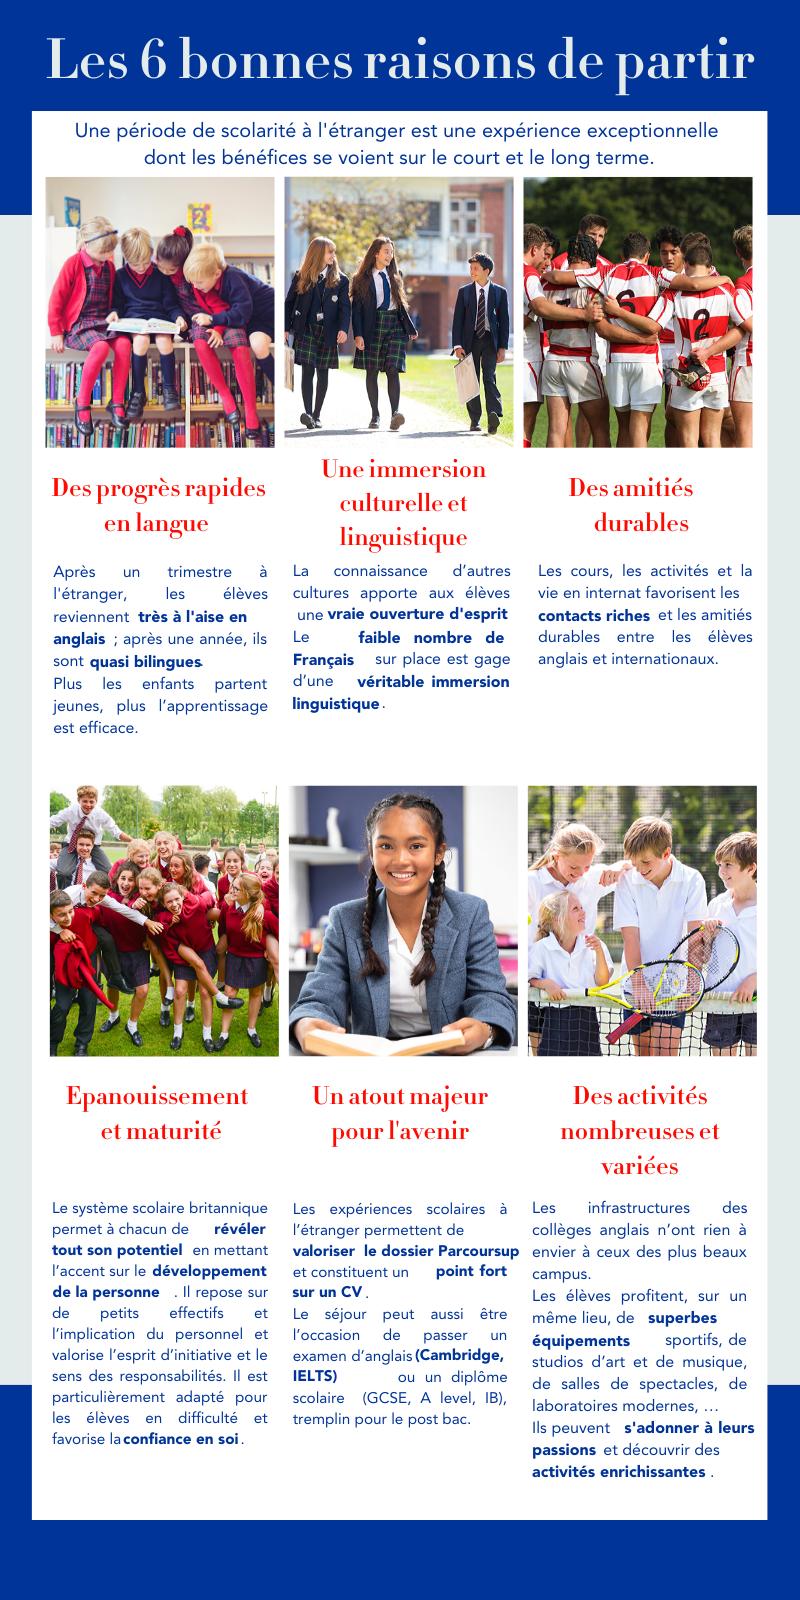 les 6 bonnes raisons de partir dans un college anglais en scolarité à l'étranger